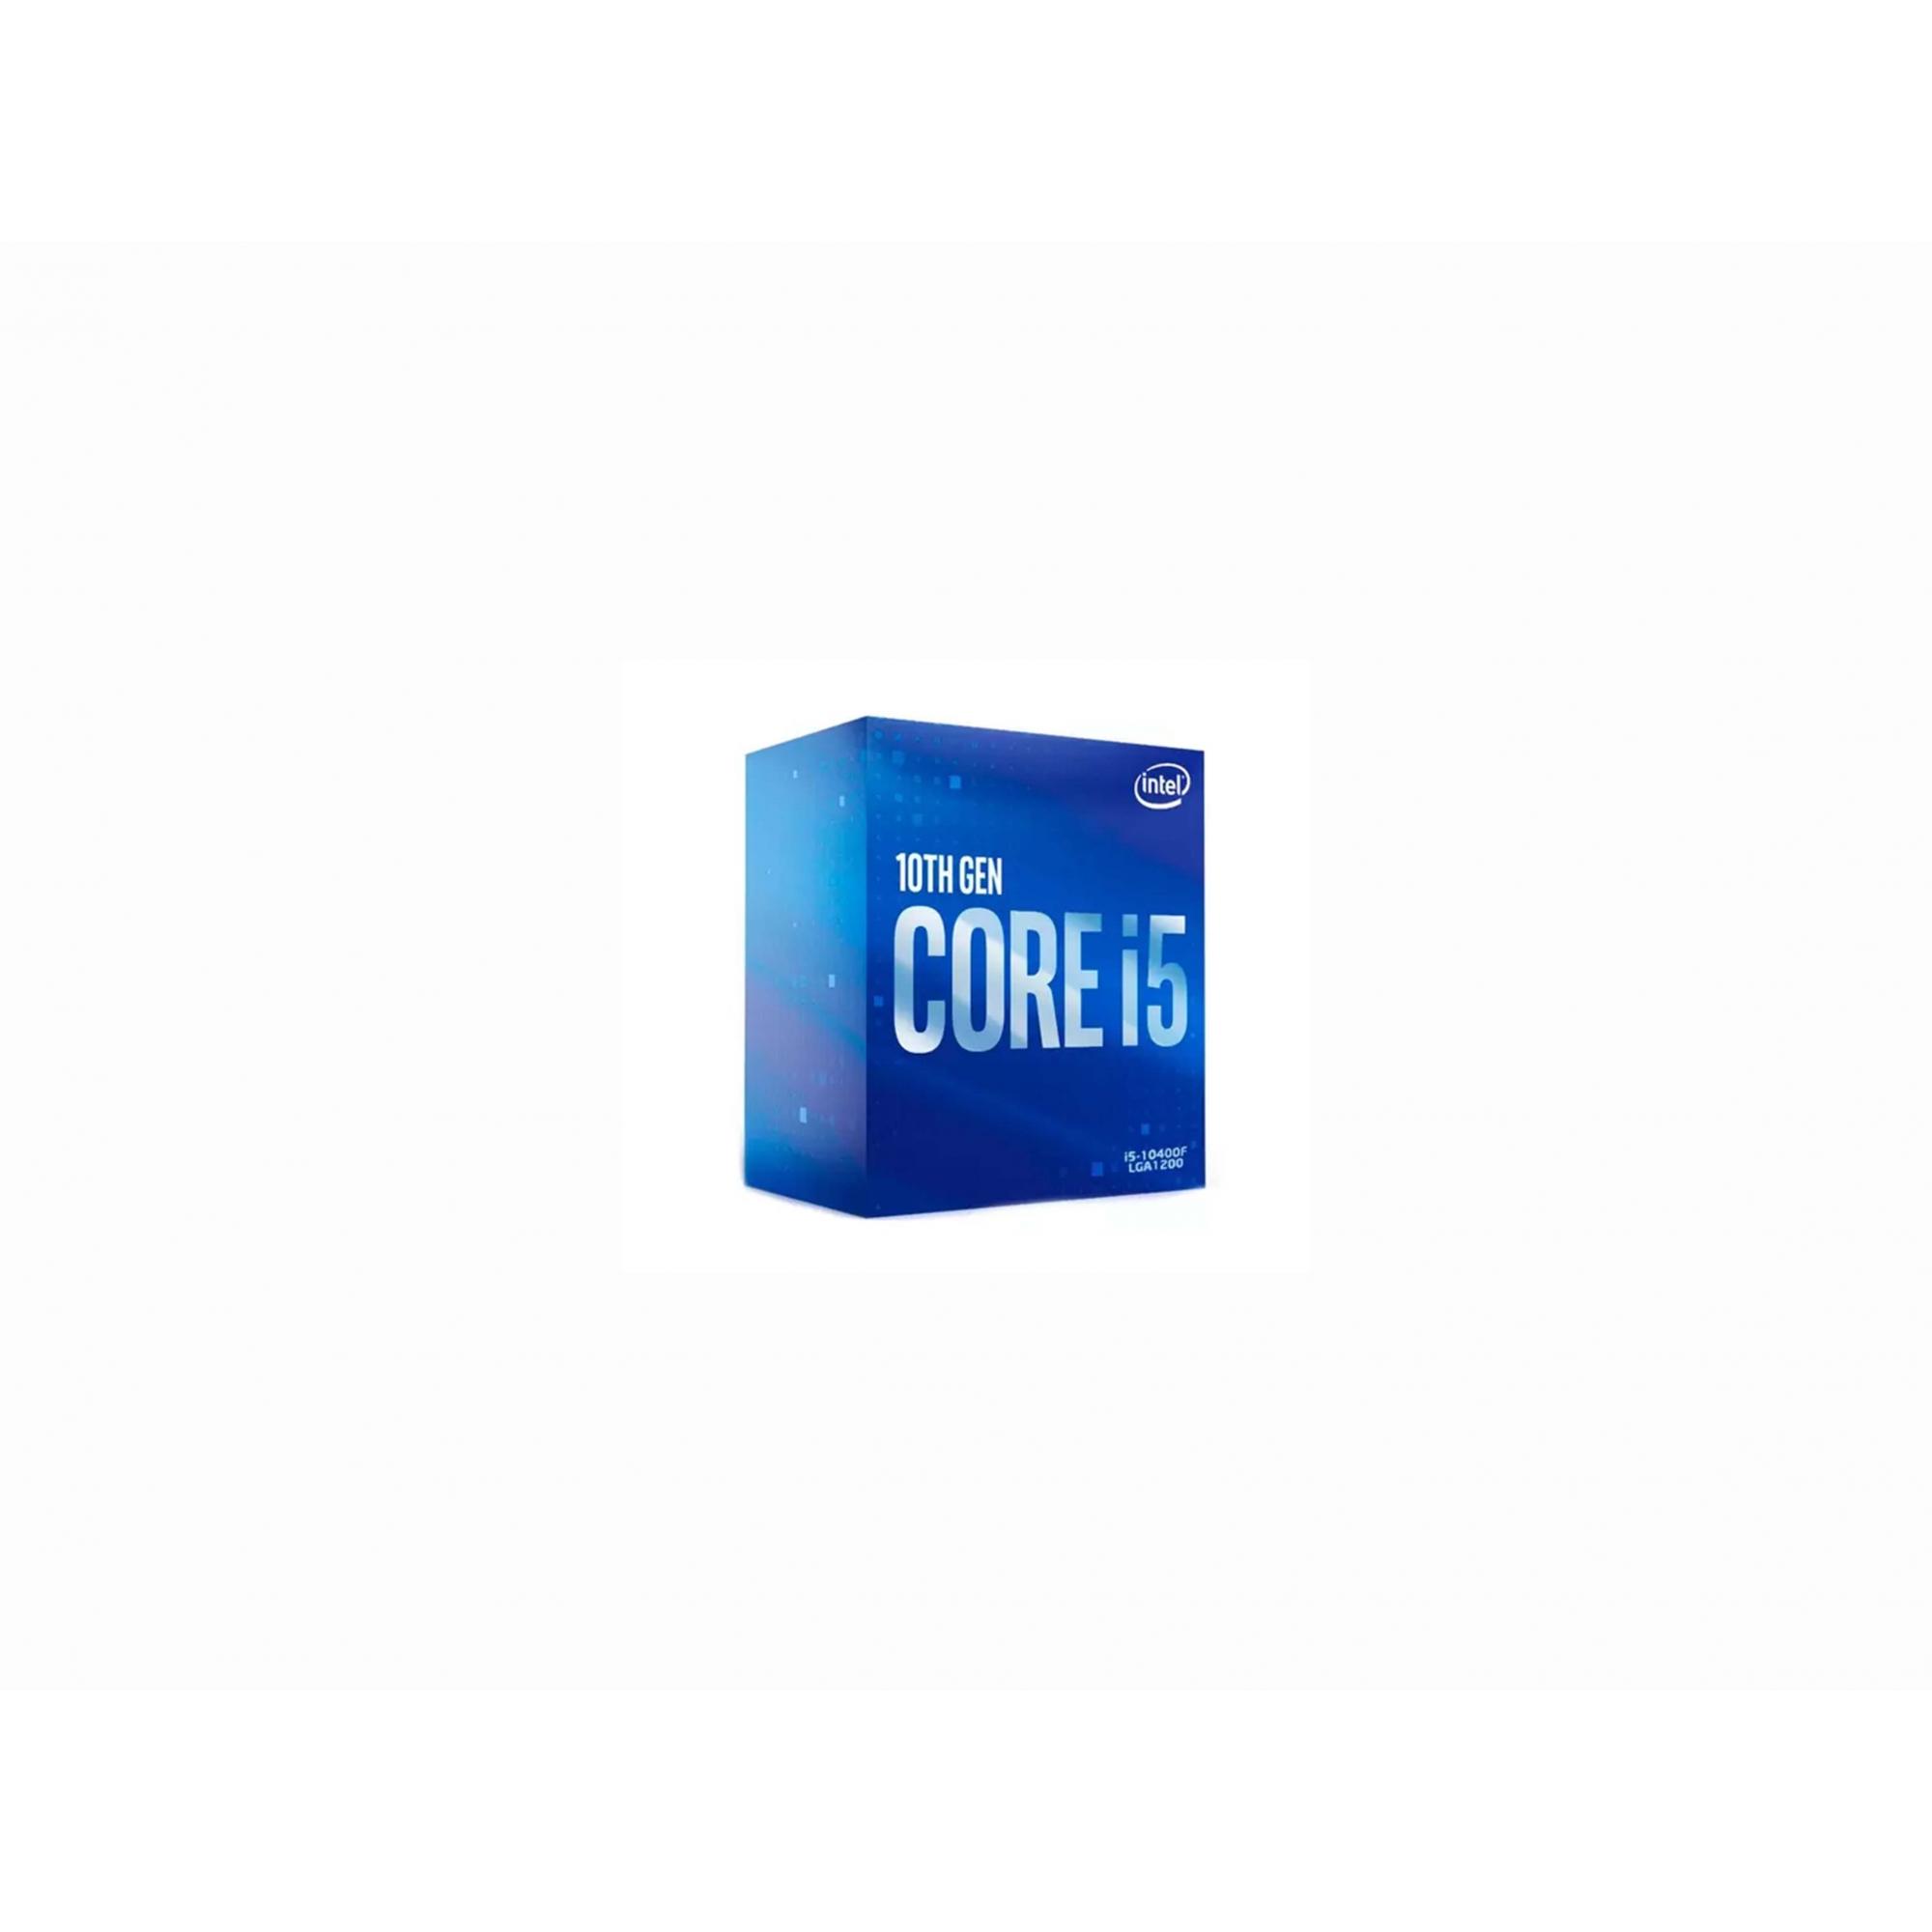 Processador Intel Core I5-10400f, Cache 12mb, 2.9ghz (4.3ghz Max Turbo), Lga 1200 - Nacional